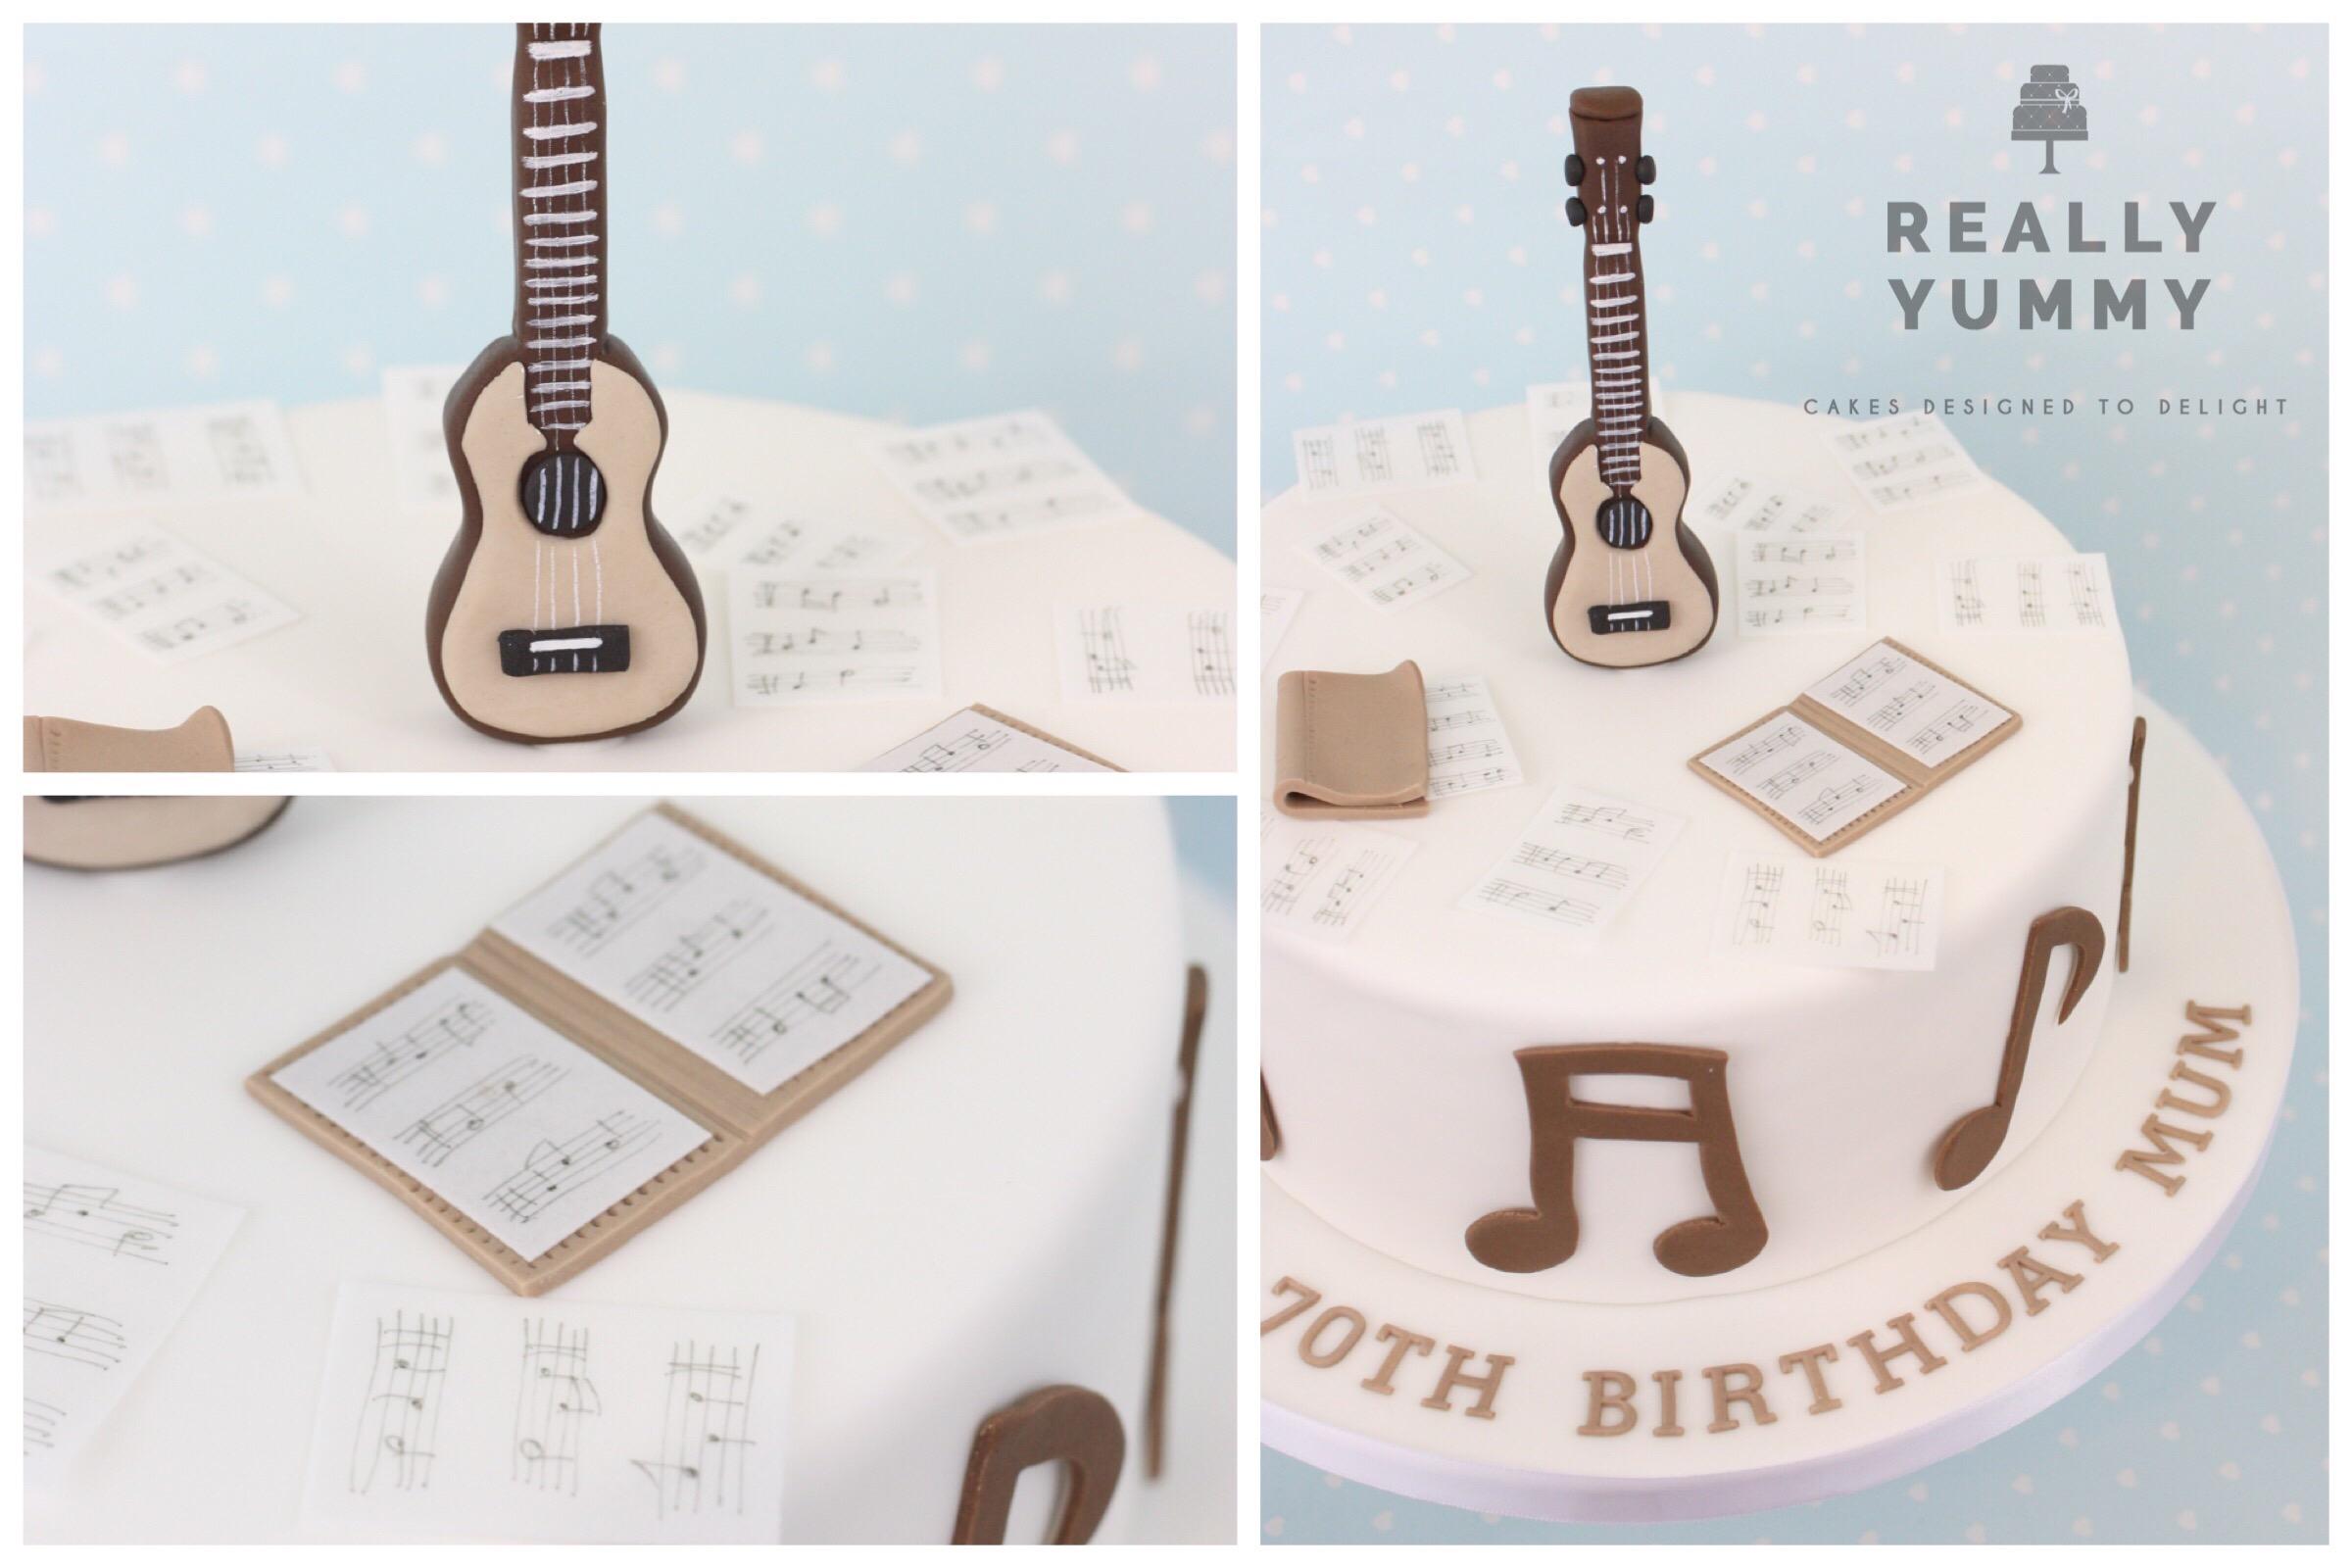 Ukulele and music cake